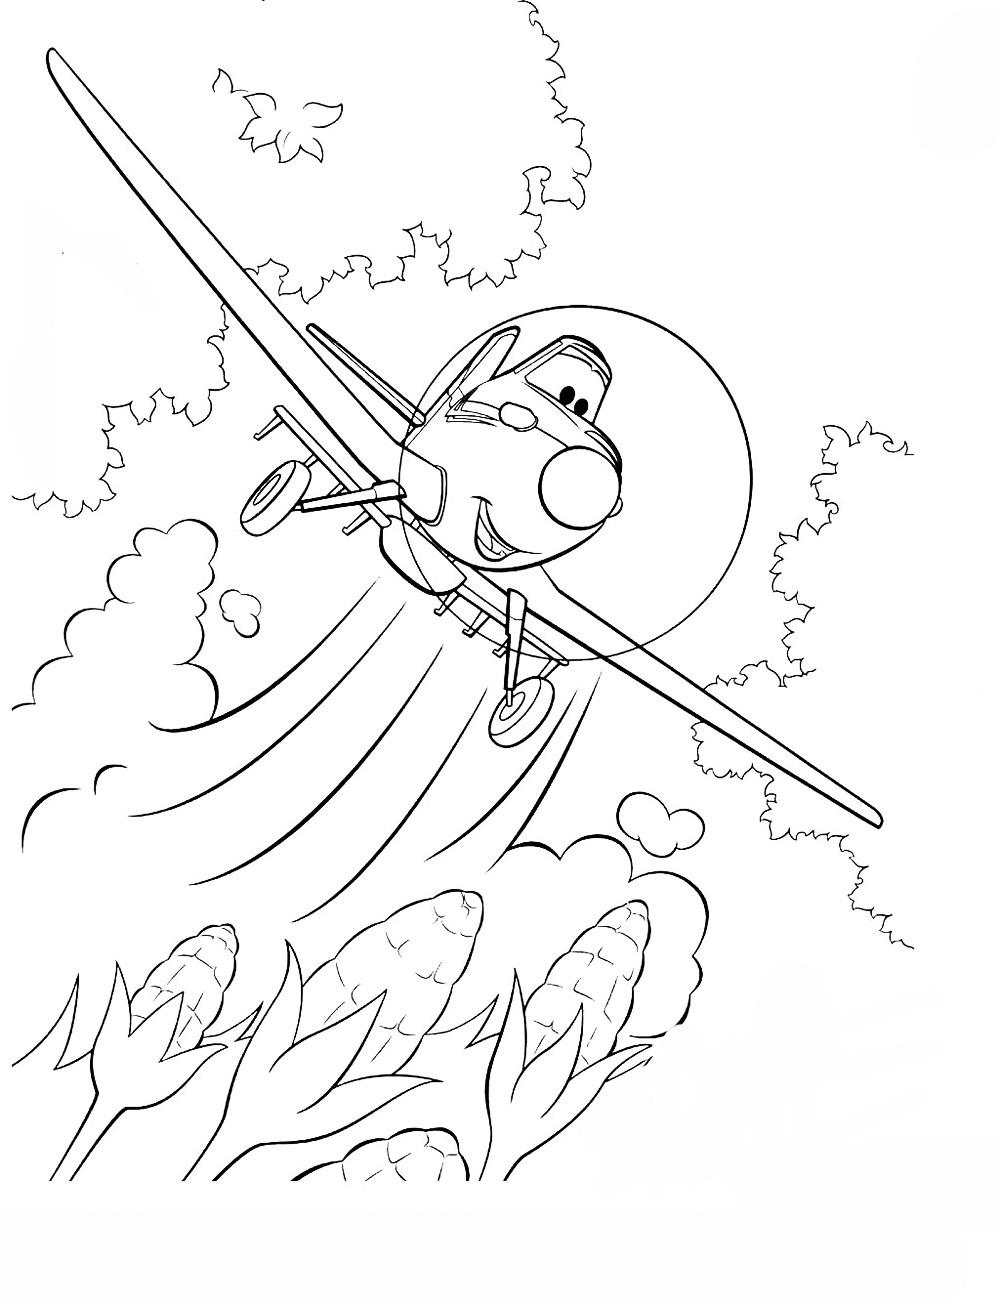 Самолеты дисней, полет над кукурузным полем Раскраски для мальчиков